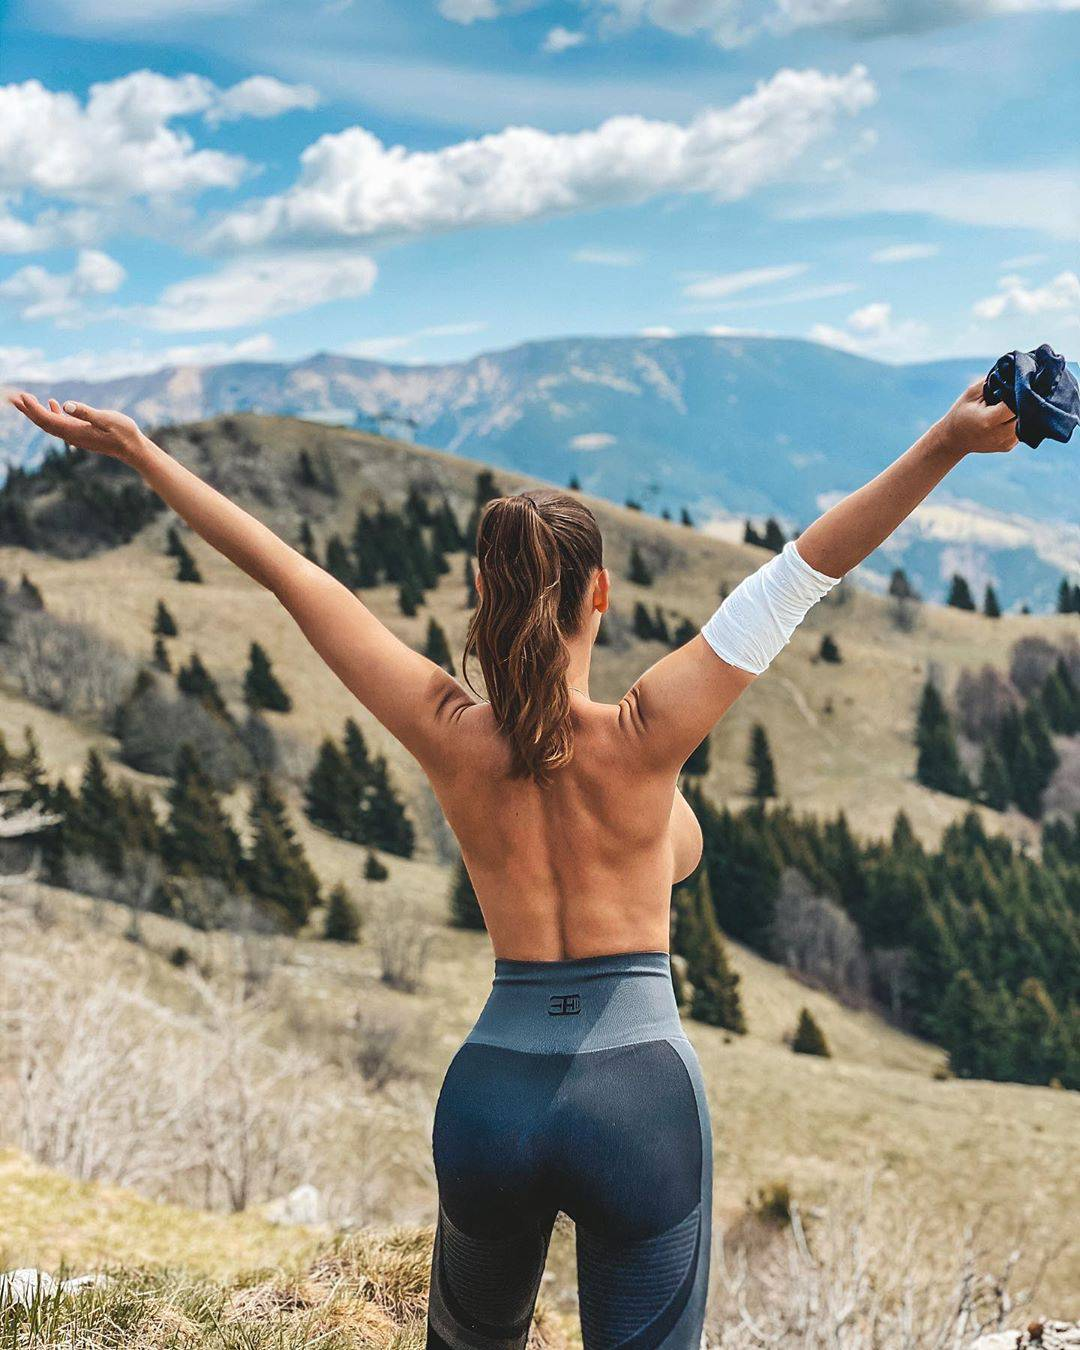 Nekad dominirala u biciklizmu, a danas na Instagramu: 'Borila sam se, a sada sam nikad bolje'